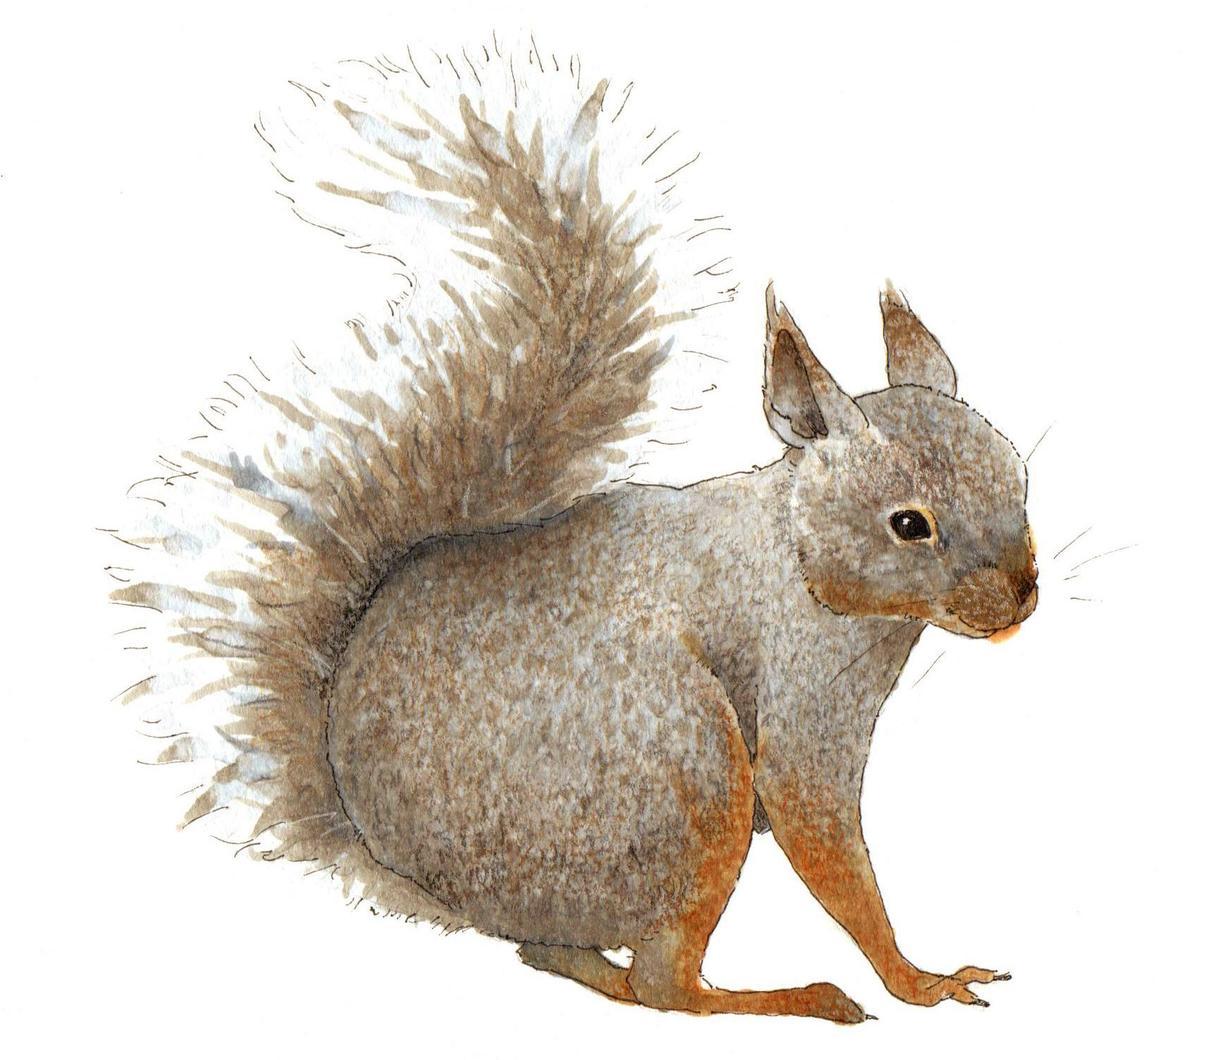 動物の手描きイラスト制作します 【SALE】温かいタッチでペットの似顔絵を描きます。 イメージ1